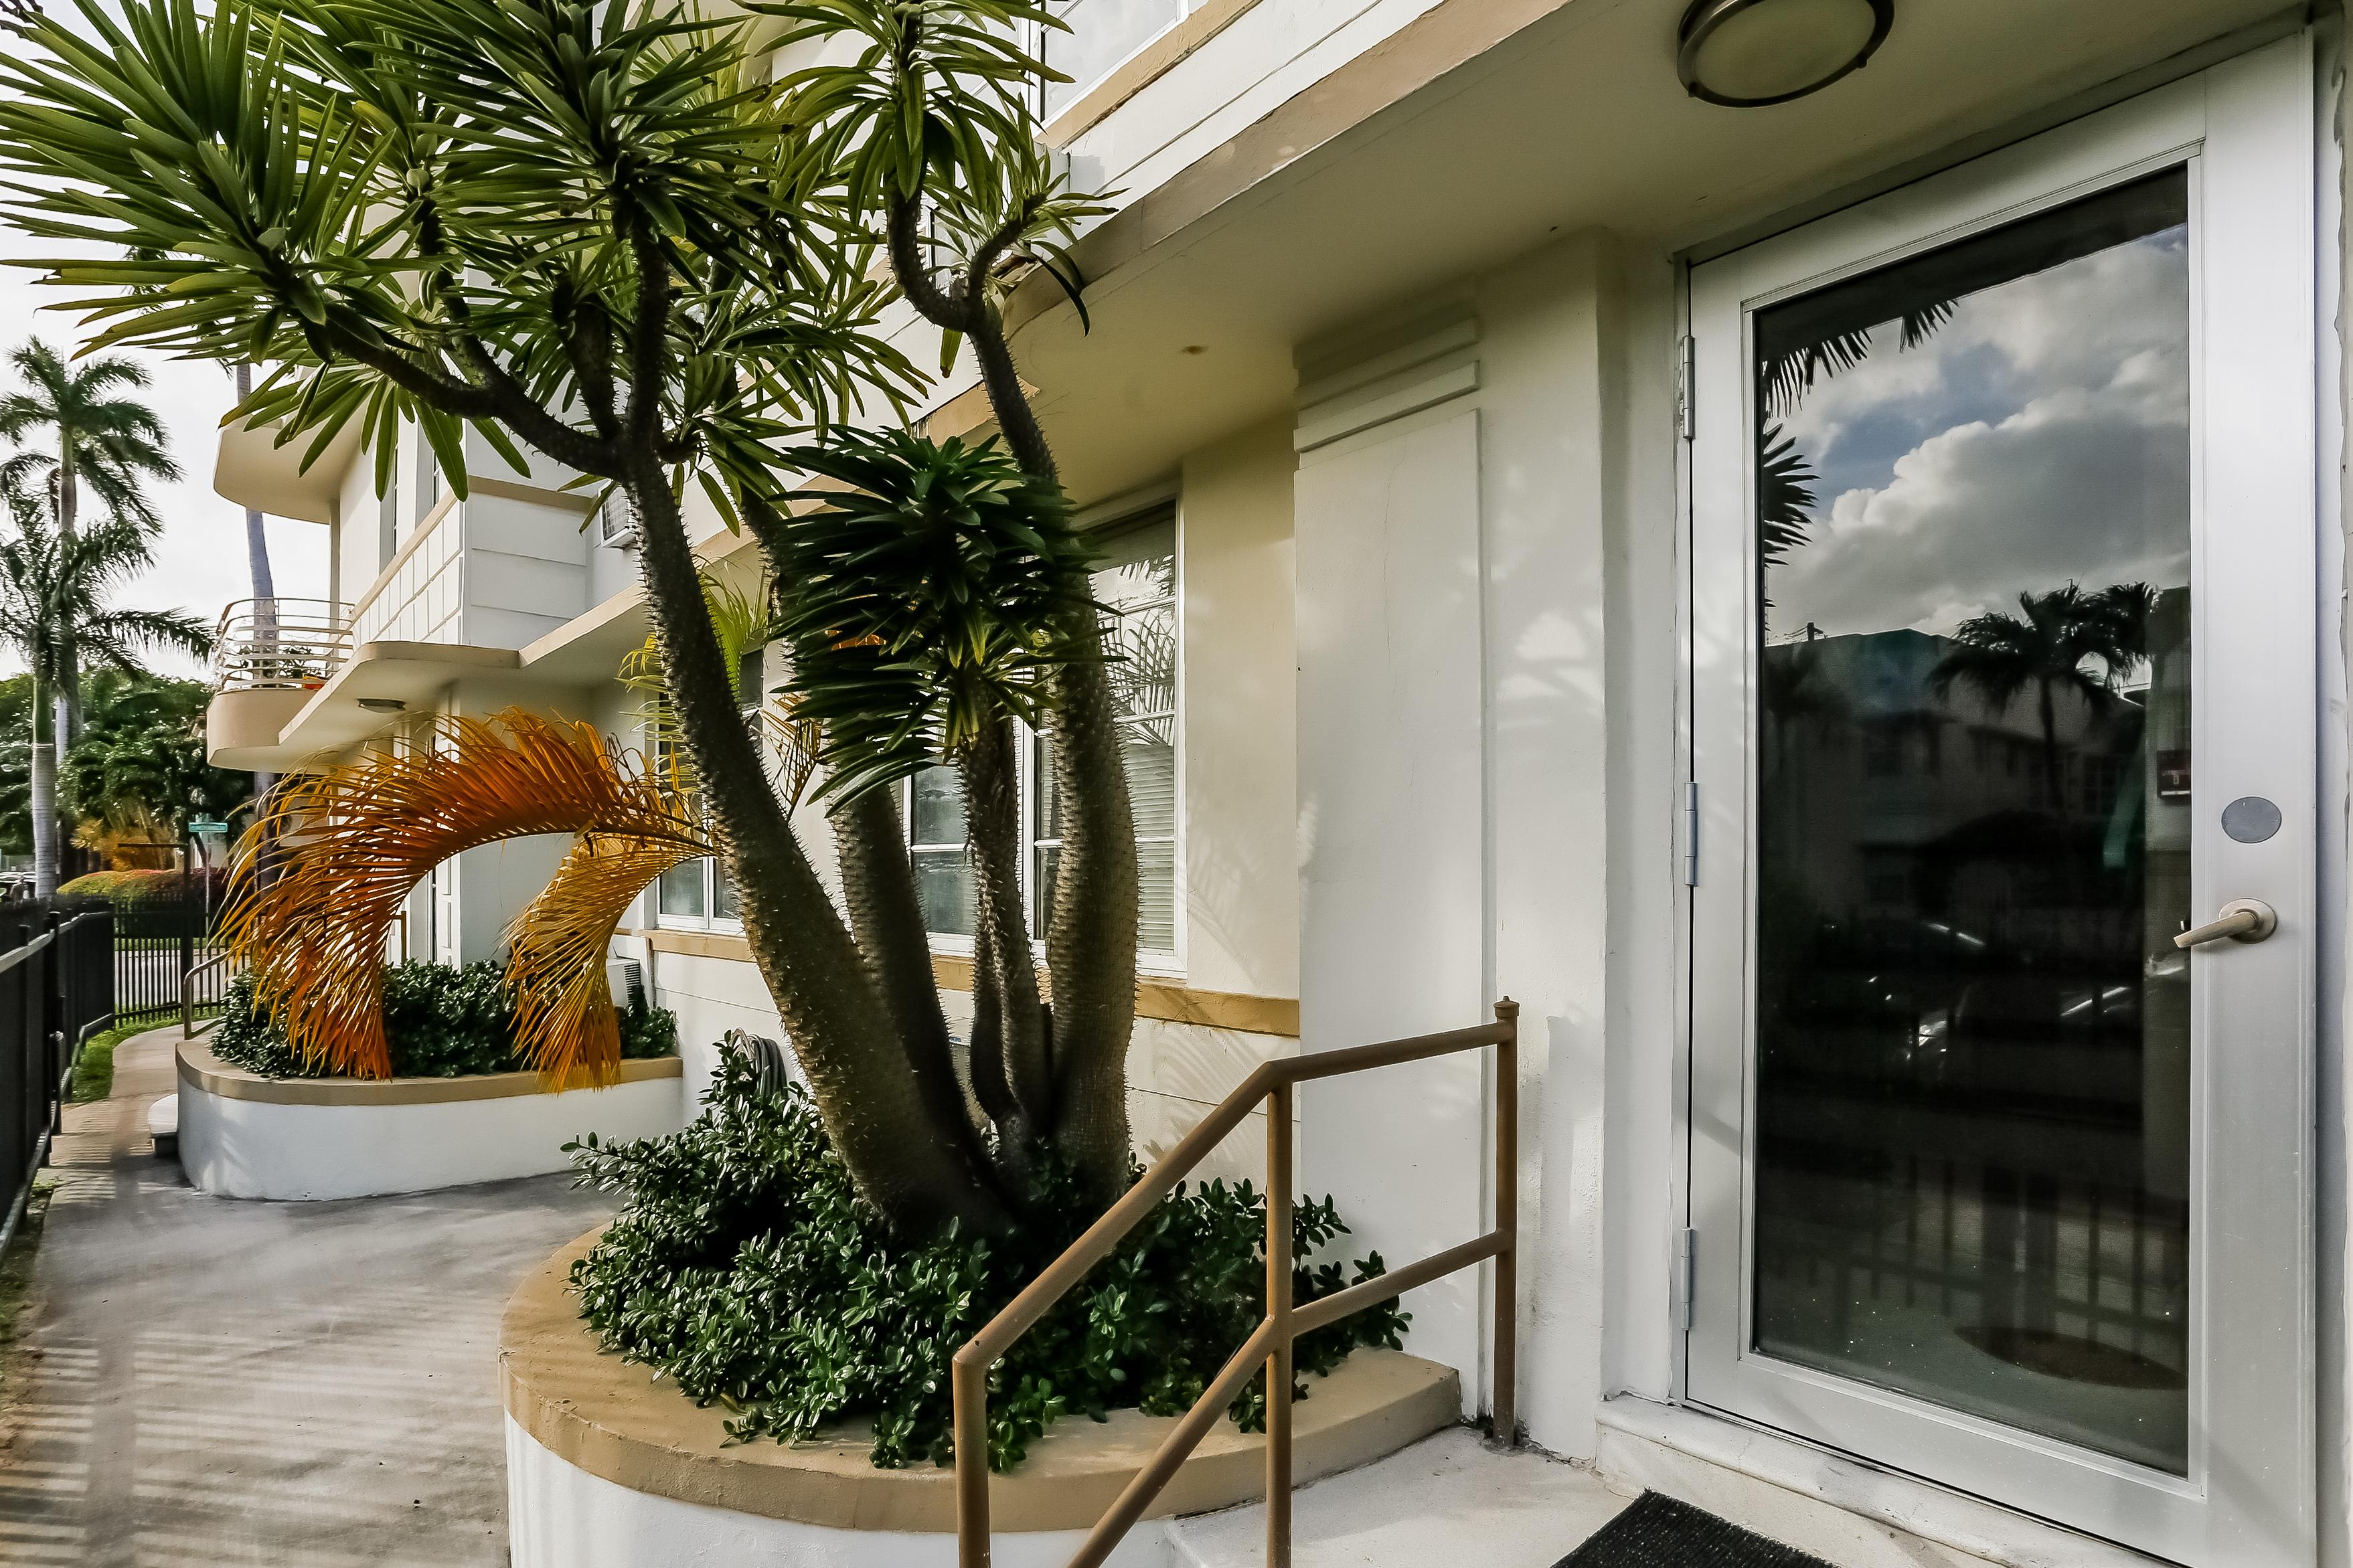 其它住宅 为 销售 在 529 15th St 迈阿密海滩, 佛罗里达州, 33139 美国